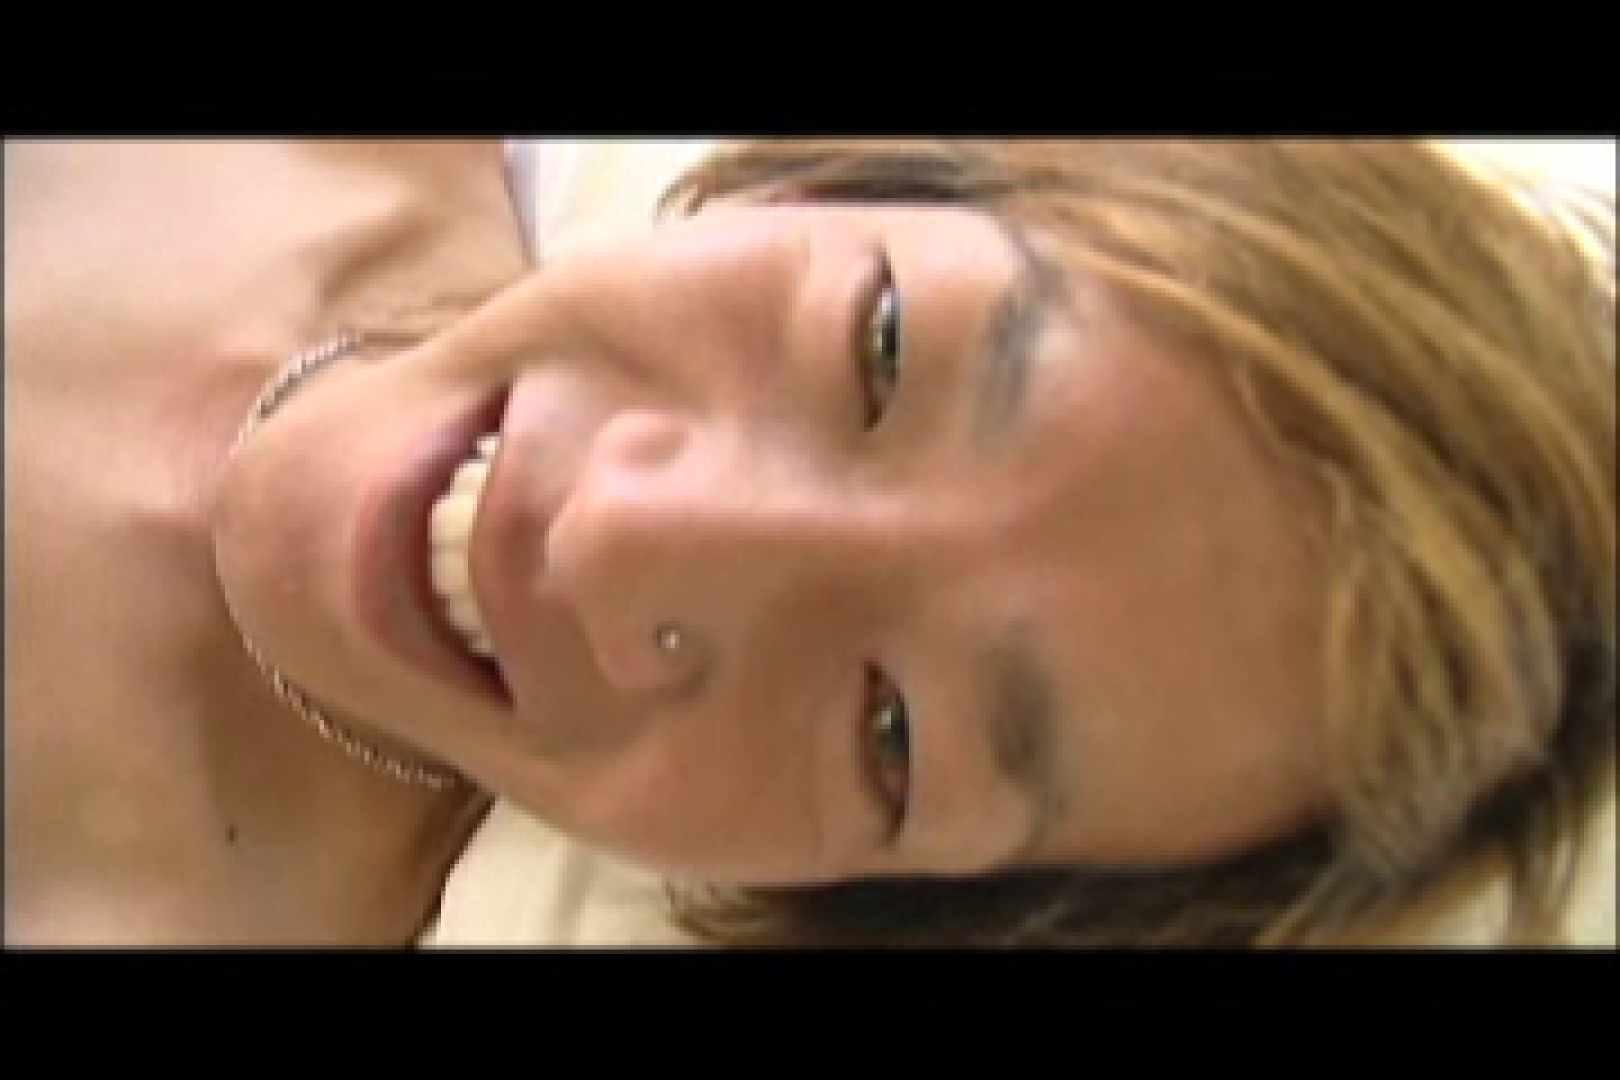 イケメン☆パラダイス〜男ざかりの君たちへ〜vol.14 ケツマン ゲイセックス画像 81枚 9